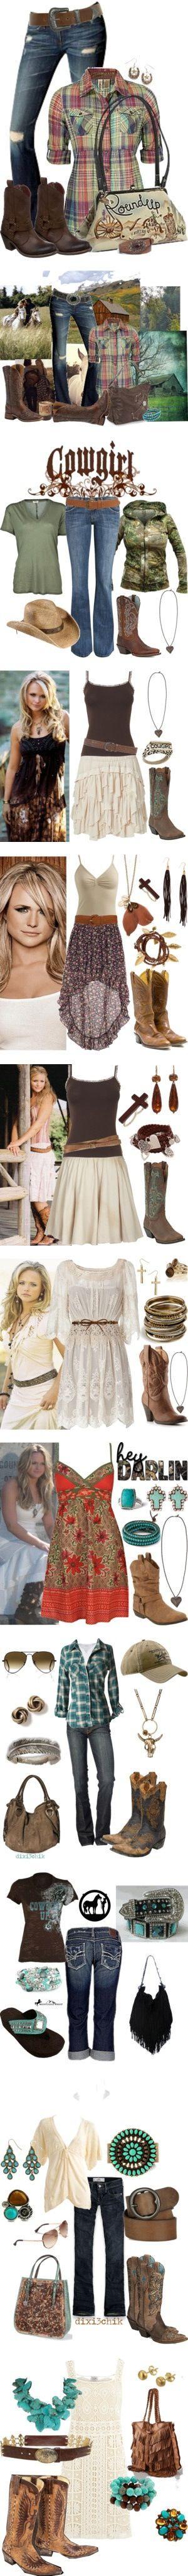 Miranda lambert outfits